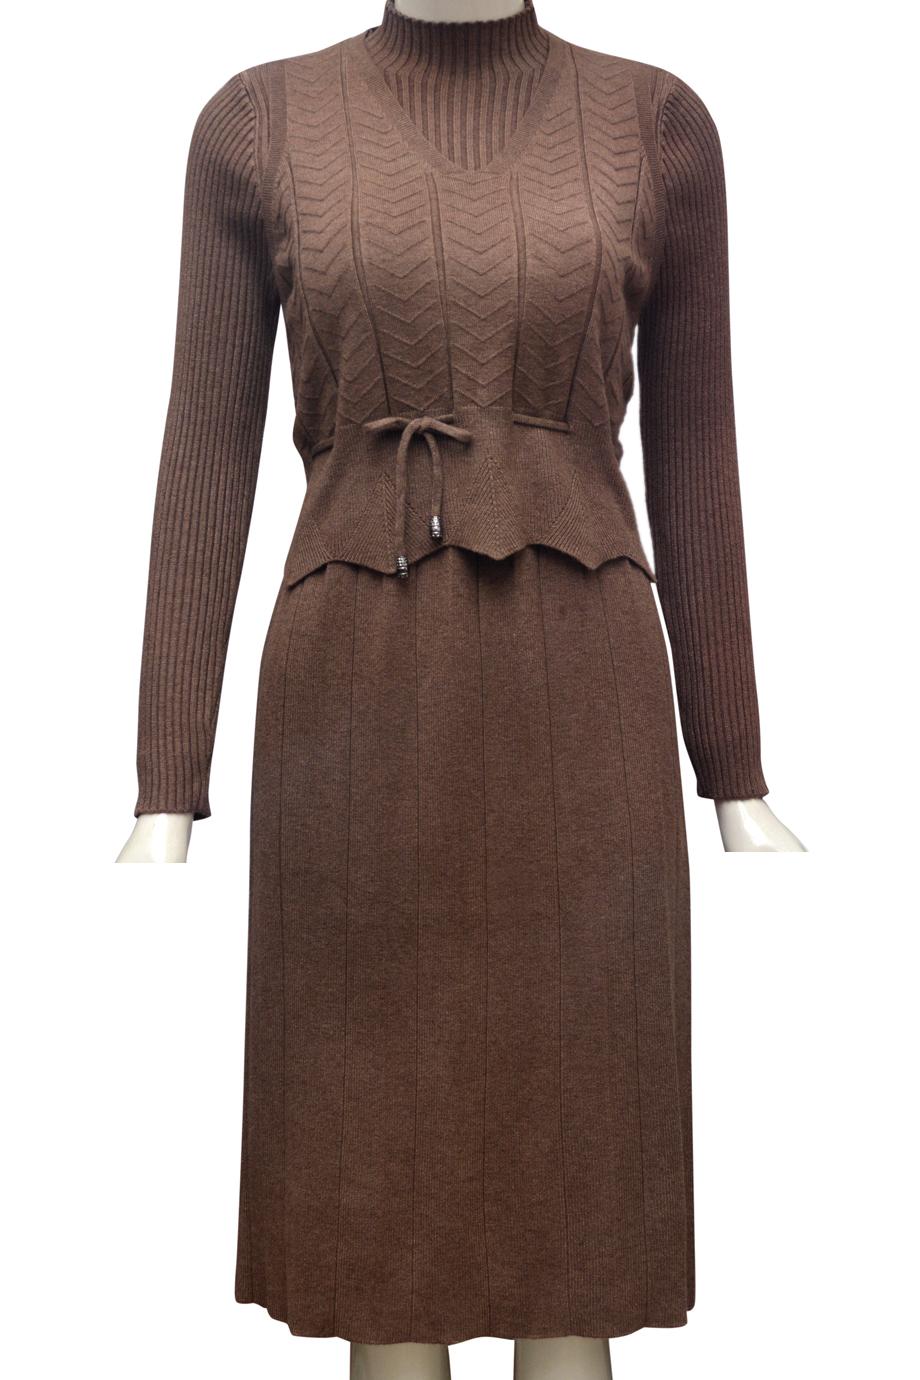 Váy len căp thời trang ELMI cao cấp màu nâu EV46-2